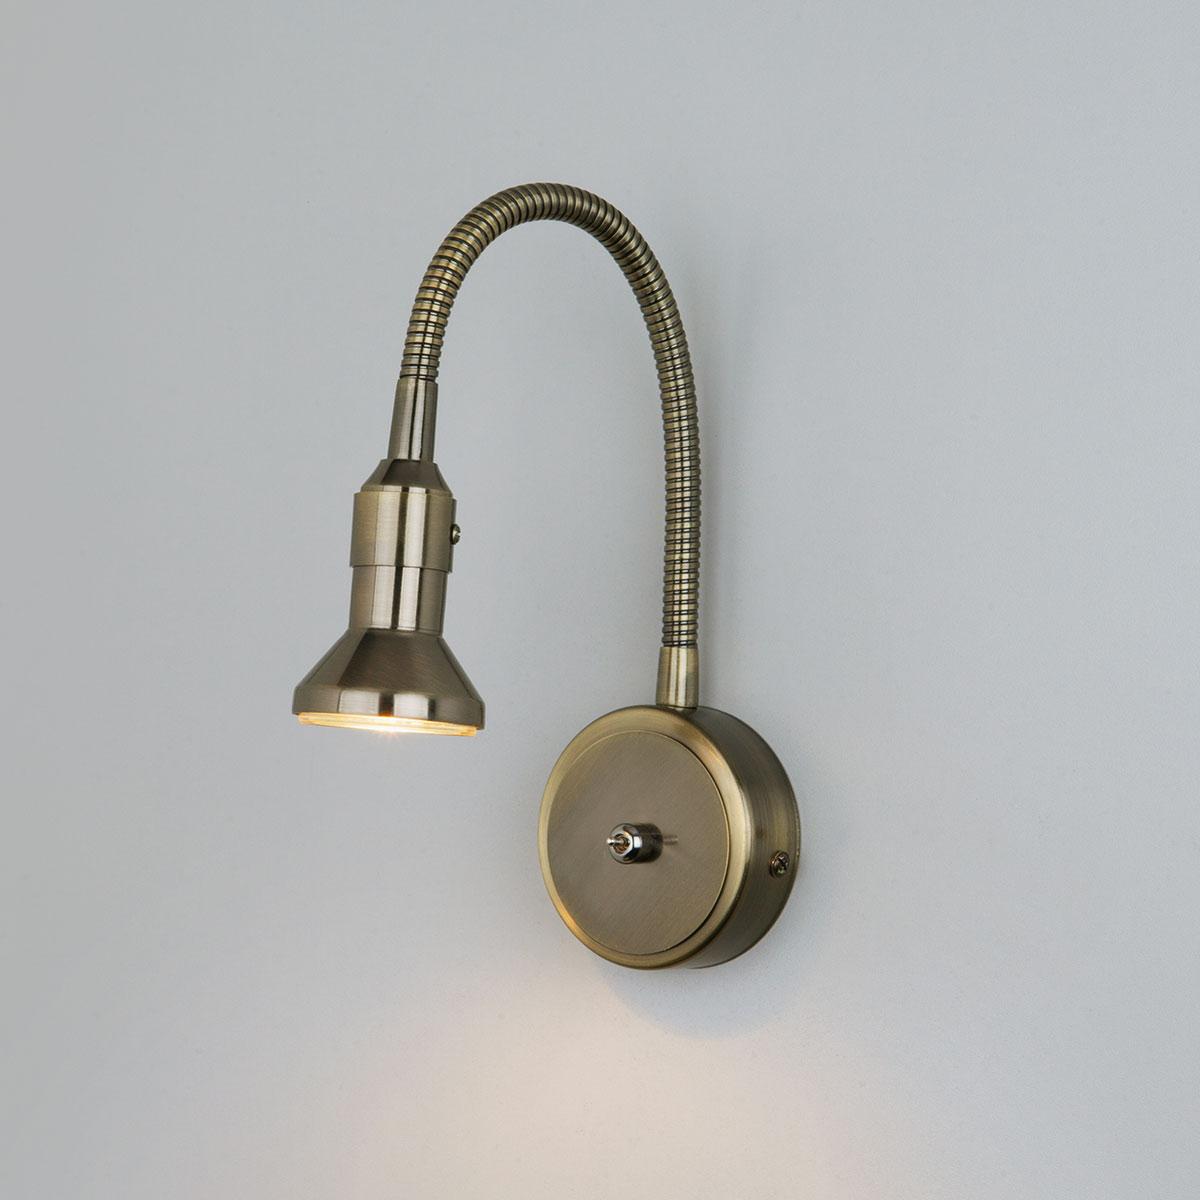 Светильник настенный Plica 1215 MR16  бронза/золото,a025005